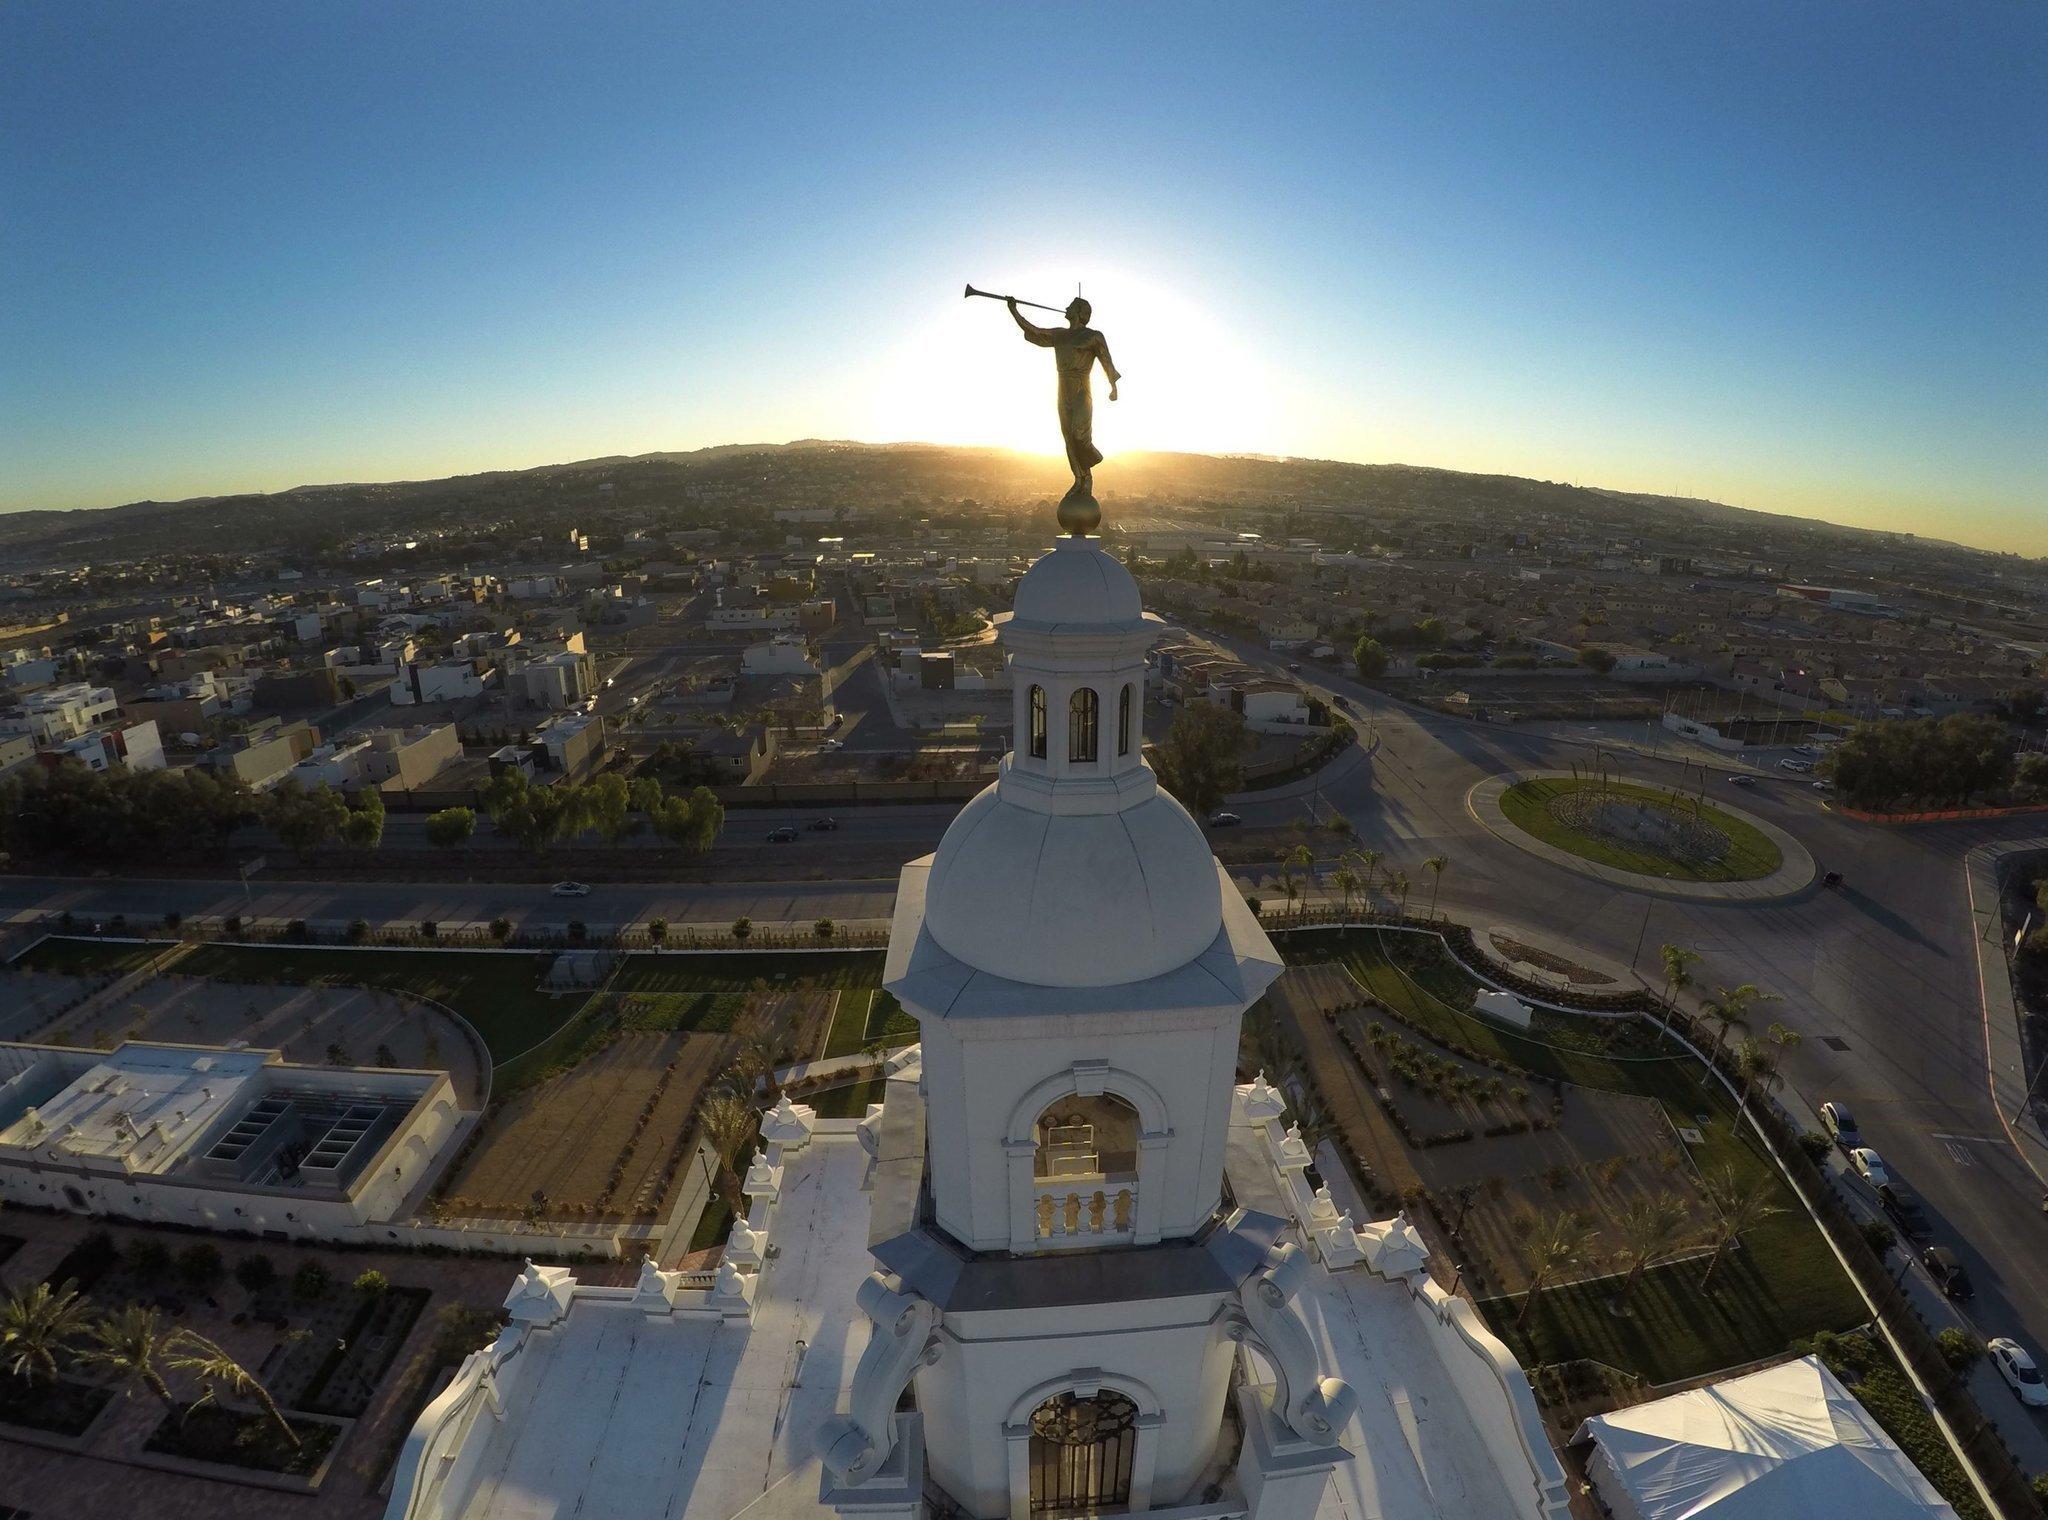 Mormon temple to open its doors in Tijuana - The San Diego Union-Tribune